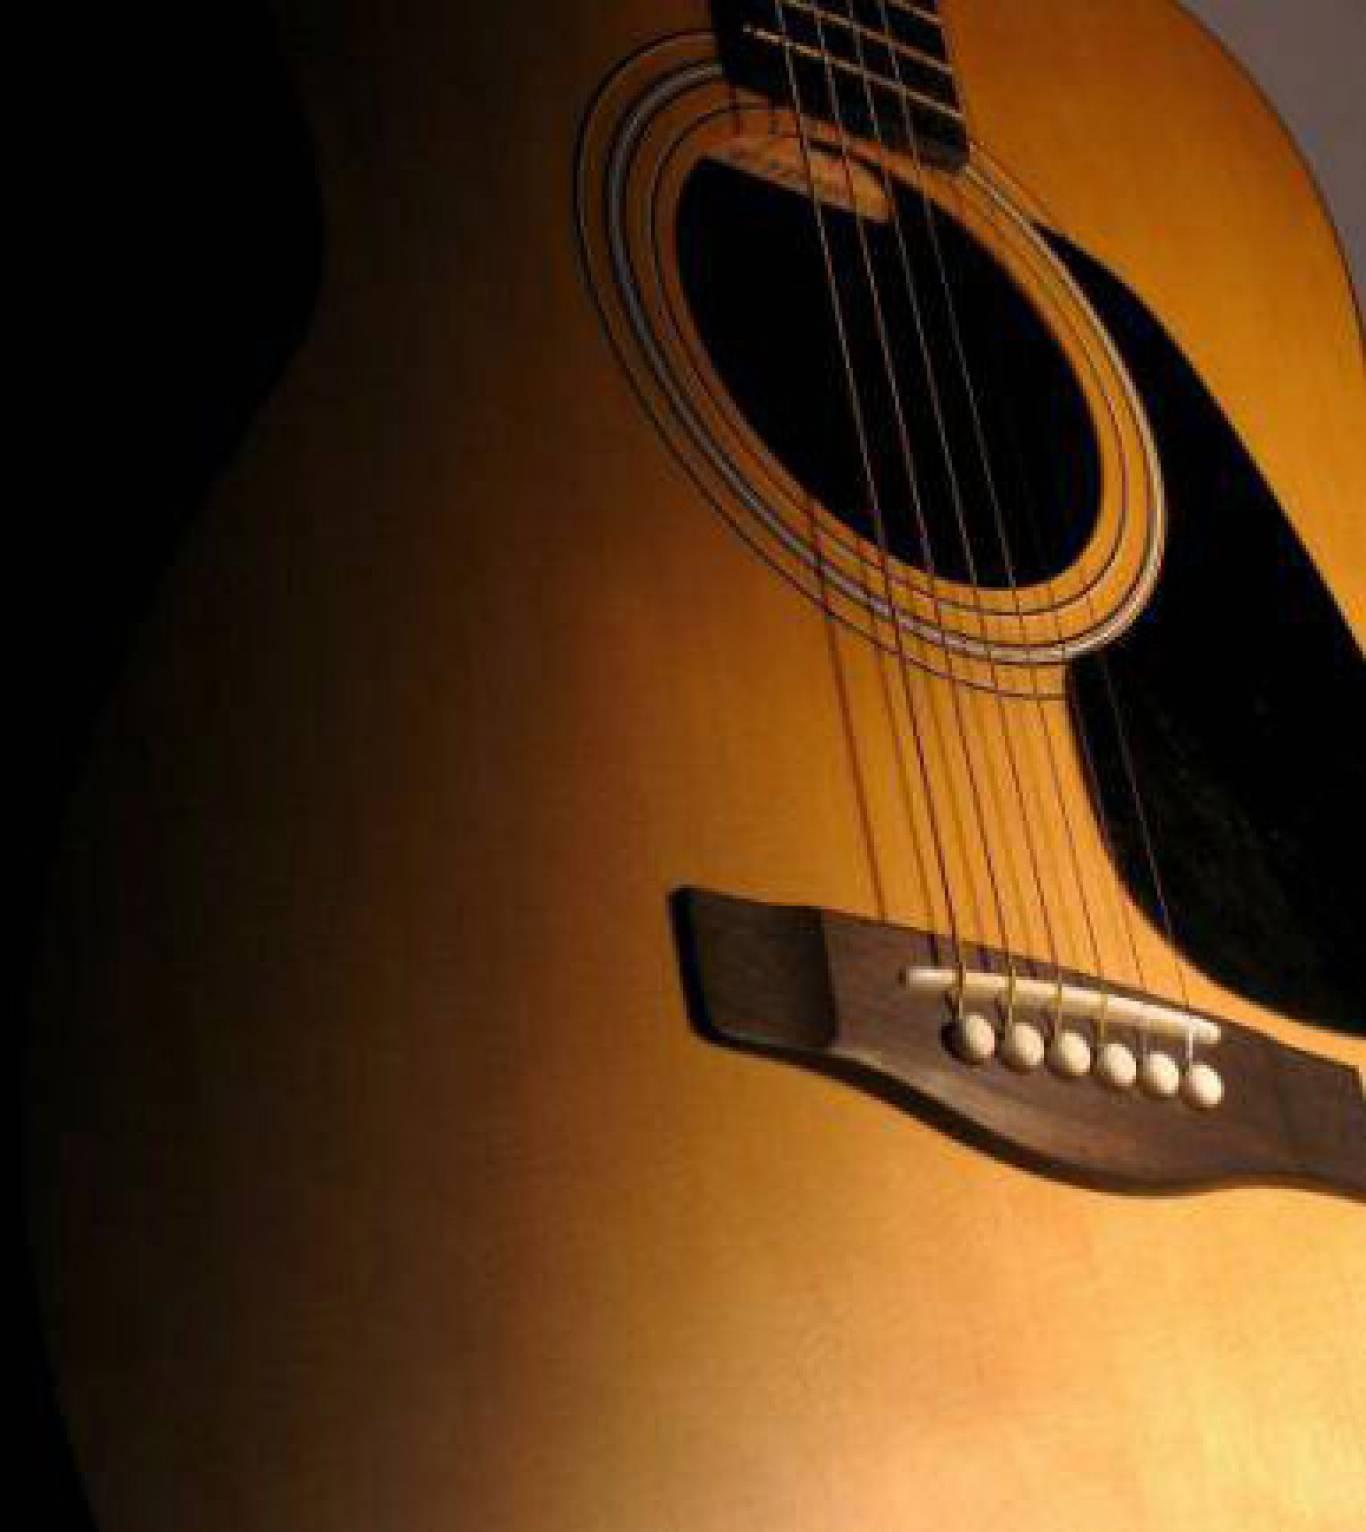 Міжнародний фестиваль гітарної музики «Київ-2015» у Національній філармонії